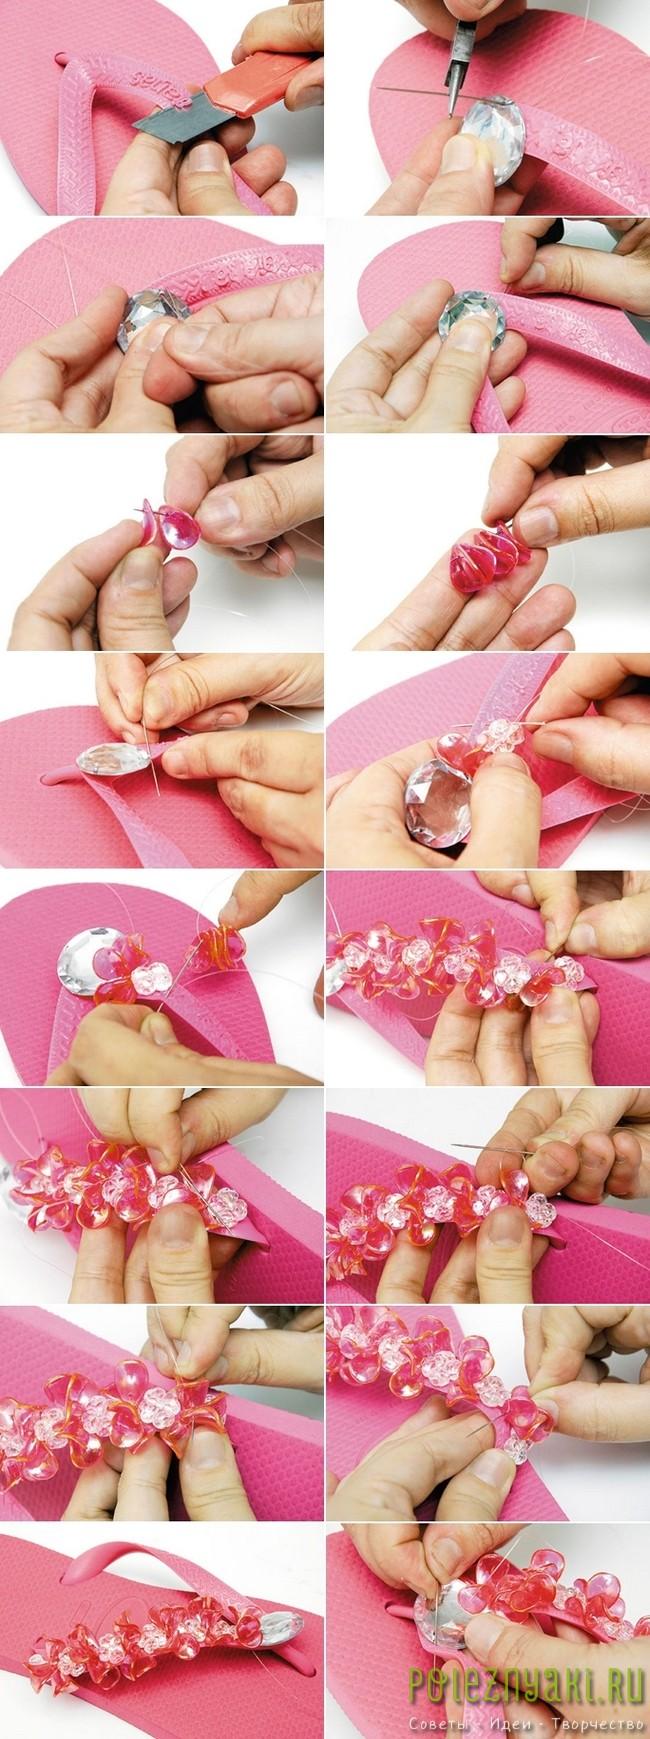 Хэнд-мэйд по украшению бисером розовых шлепок 2